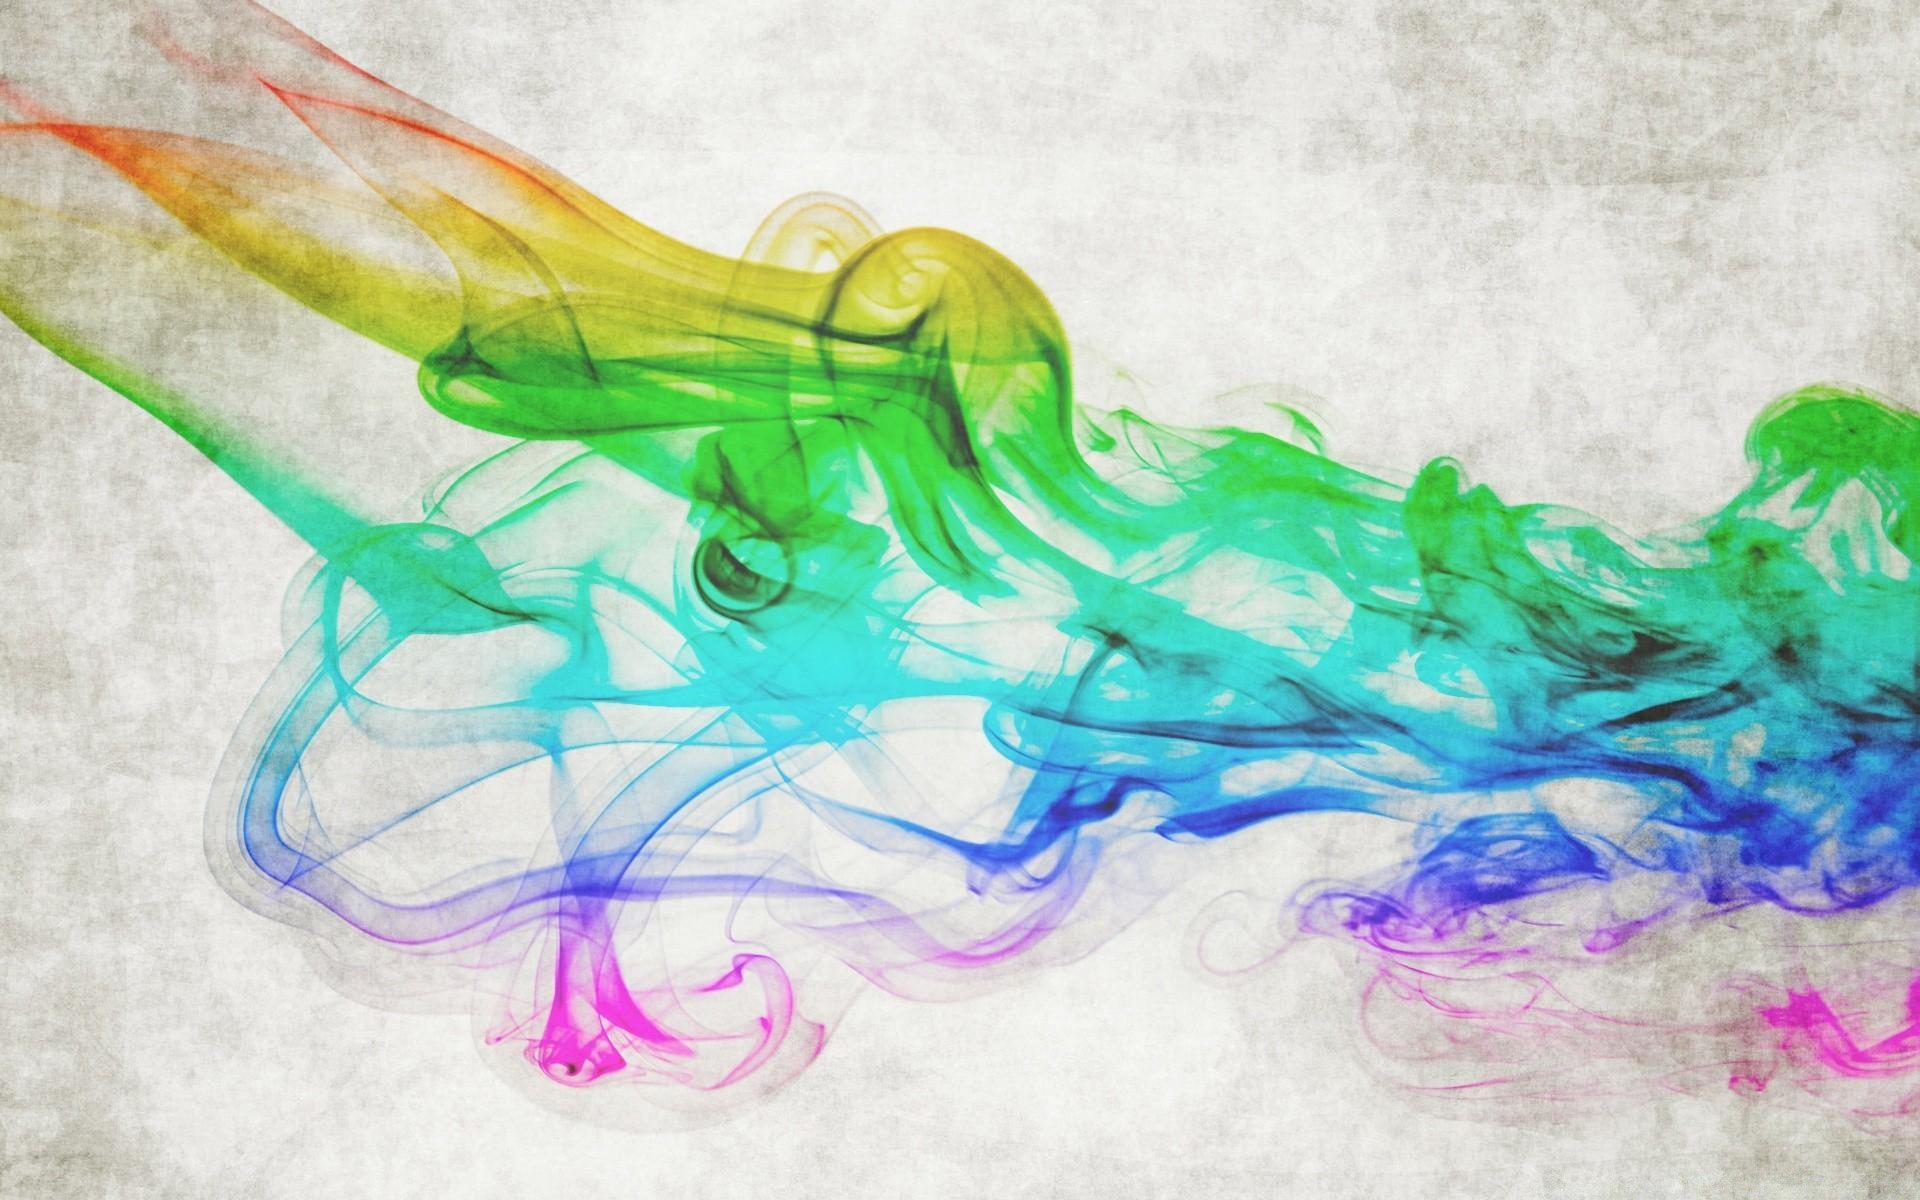 Фото цветной абстракции без фона